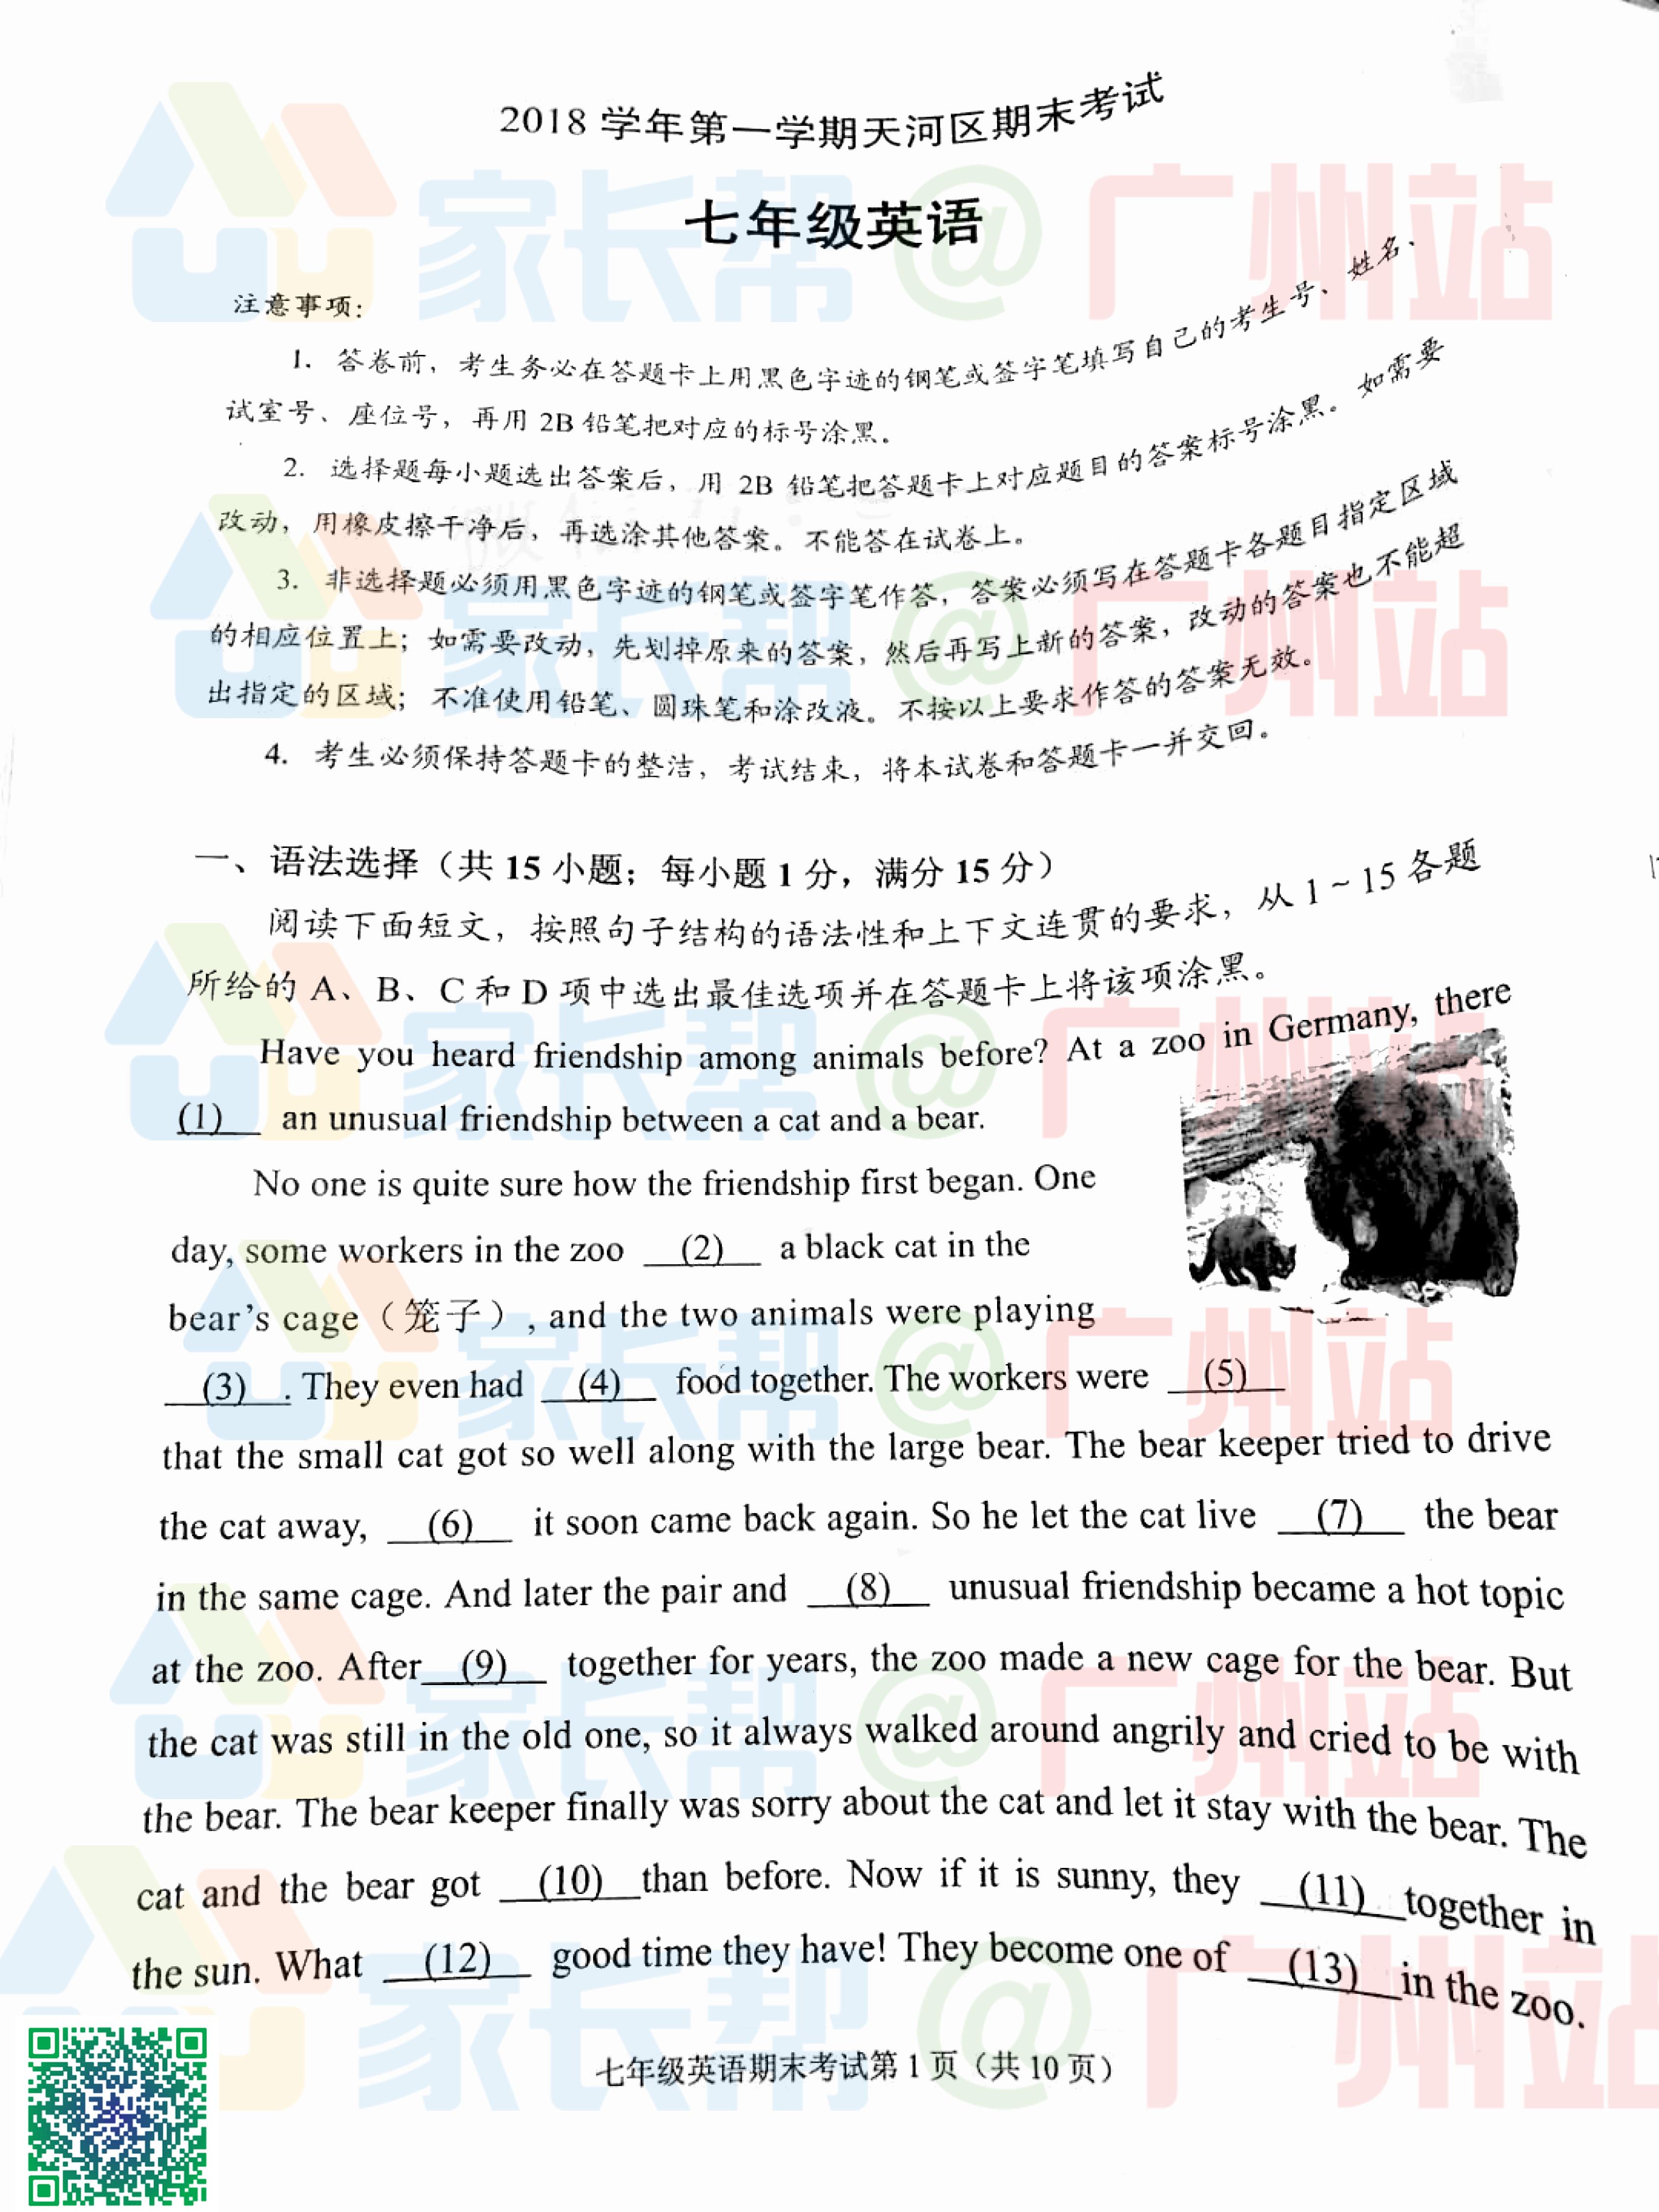 天河区七年级英语-1_副本.jpg